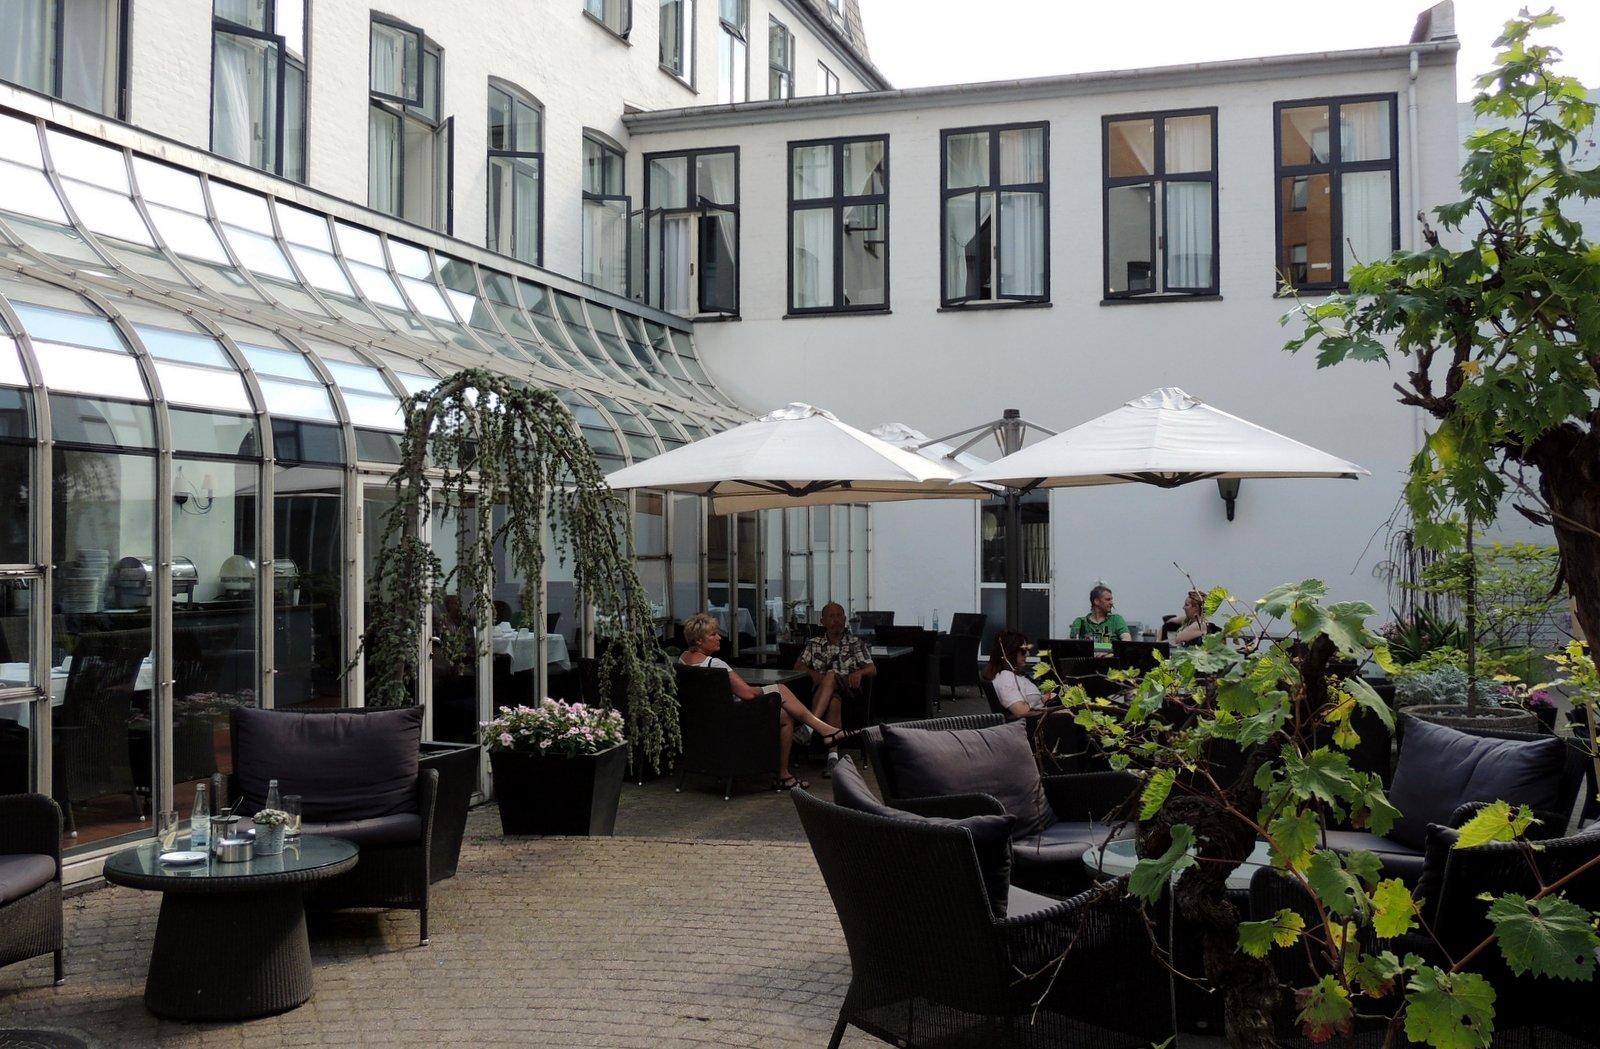 Hotel Kong Arthur - Kopenhagen - Dänemark